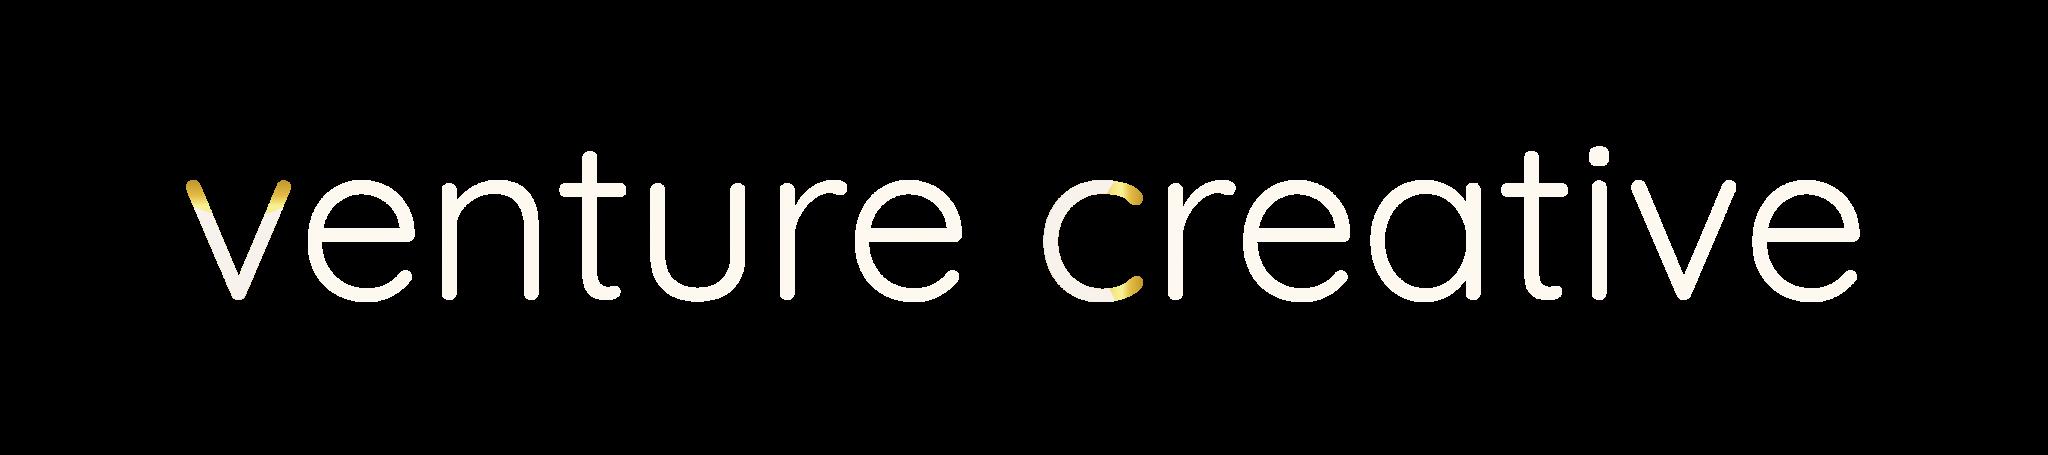 Venture Creative Collective - Ottawa, Canada